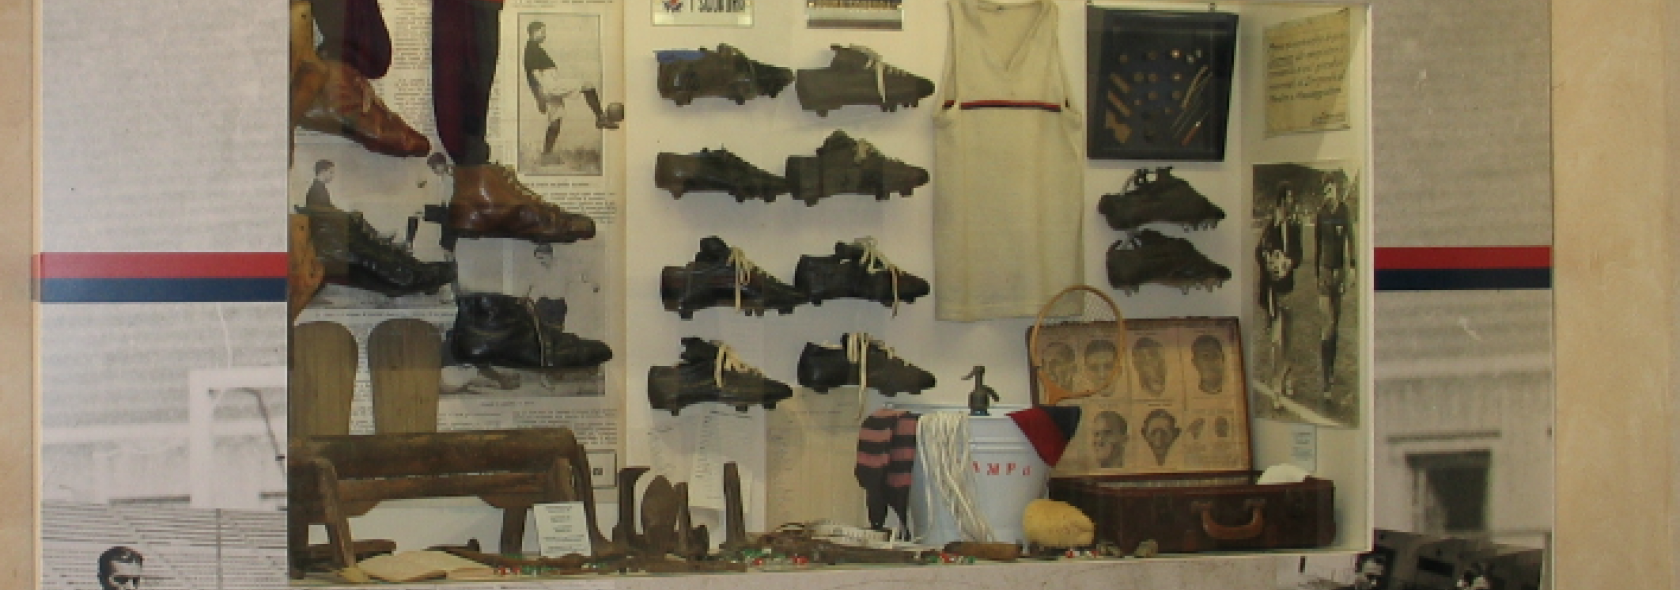 Museo della Storia del Genoa - Gli allenamenti e le tattiche